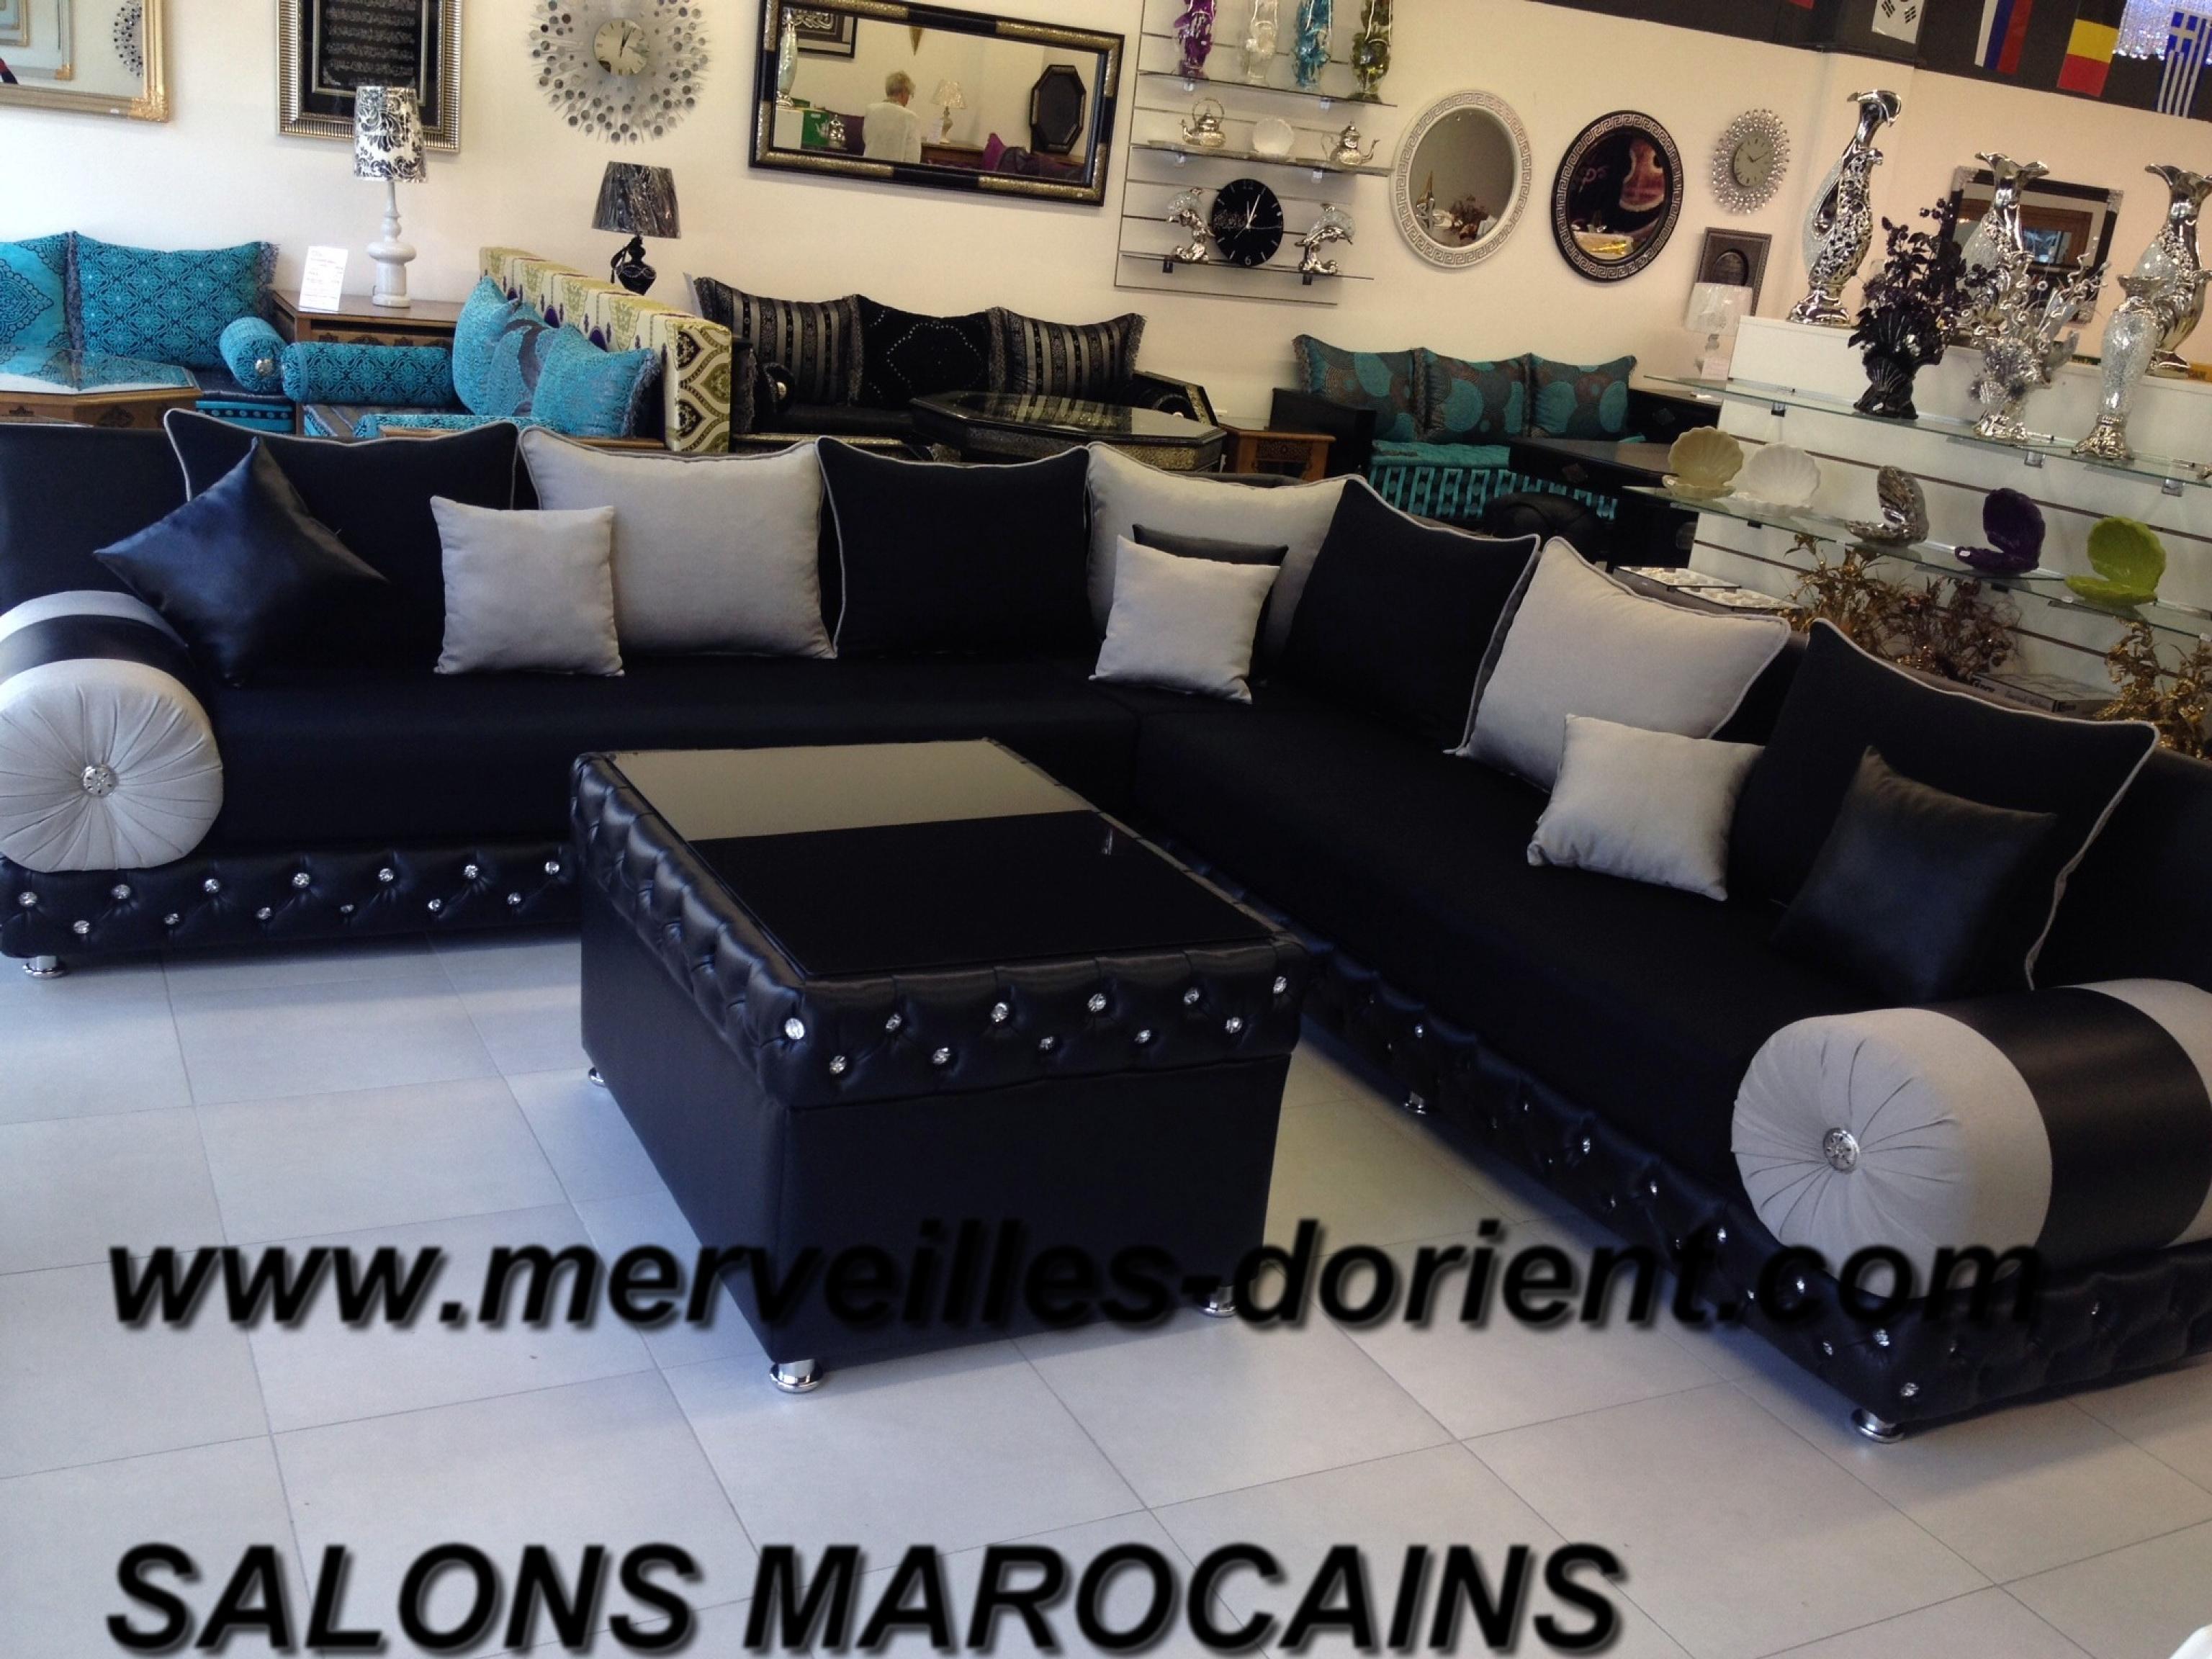 salon marocain noir avec strass id es novatrices de la conception et du mobilier de maison